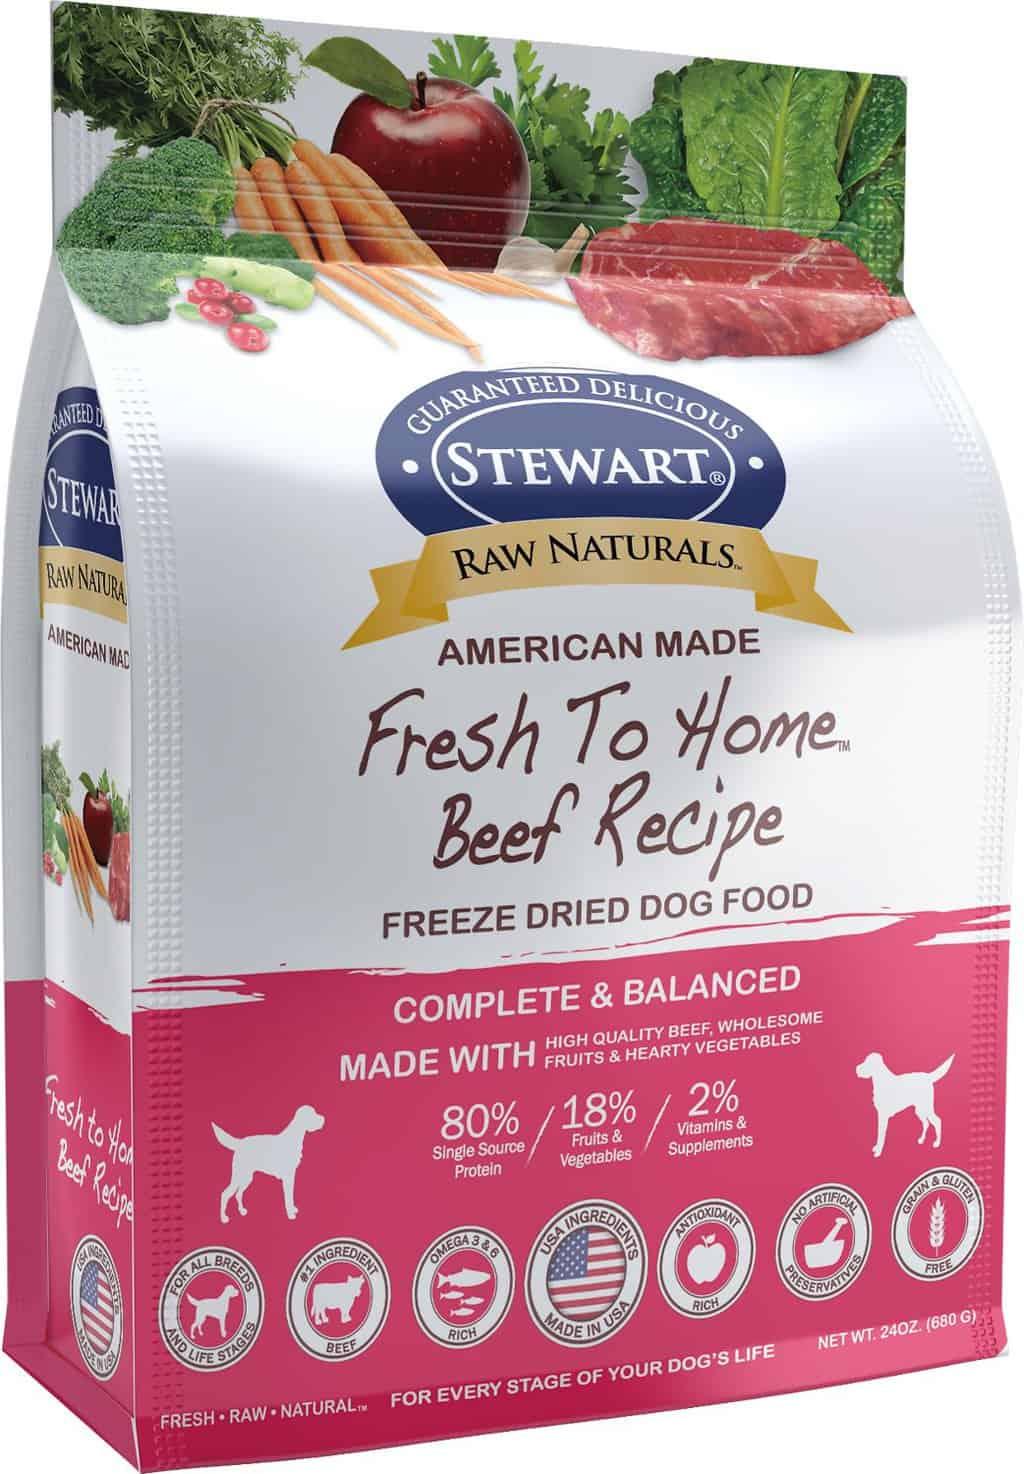 Stewart Raw Naturals Dog Food: [year] Reviews, Recalls & Coupons 13